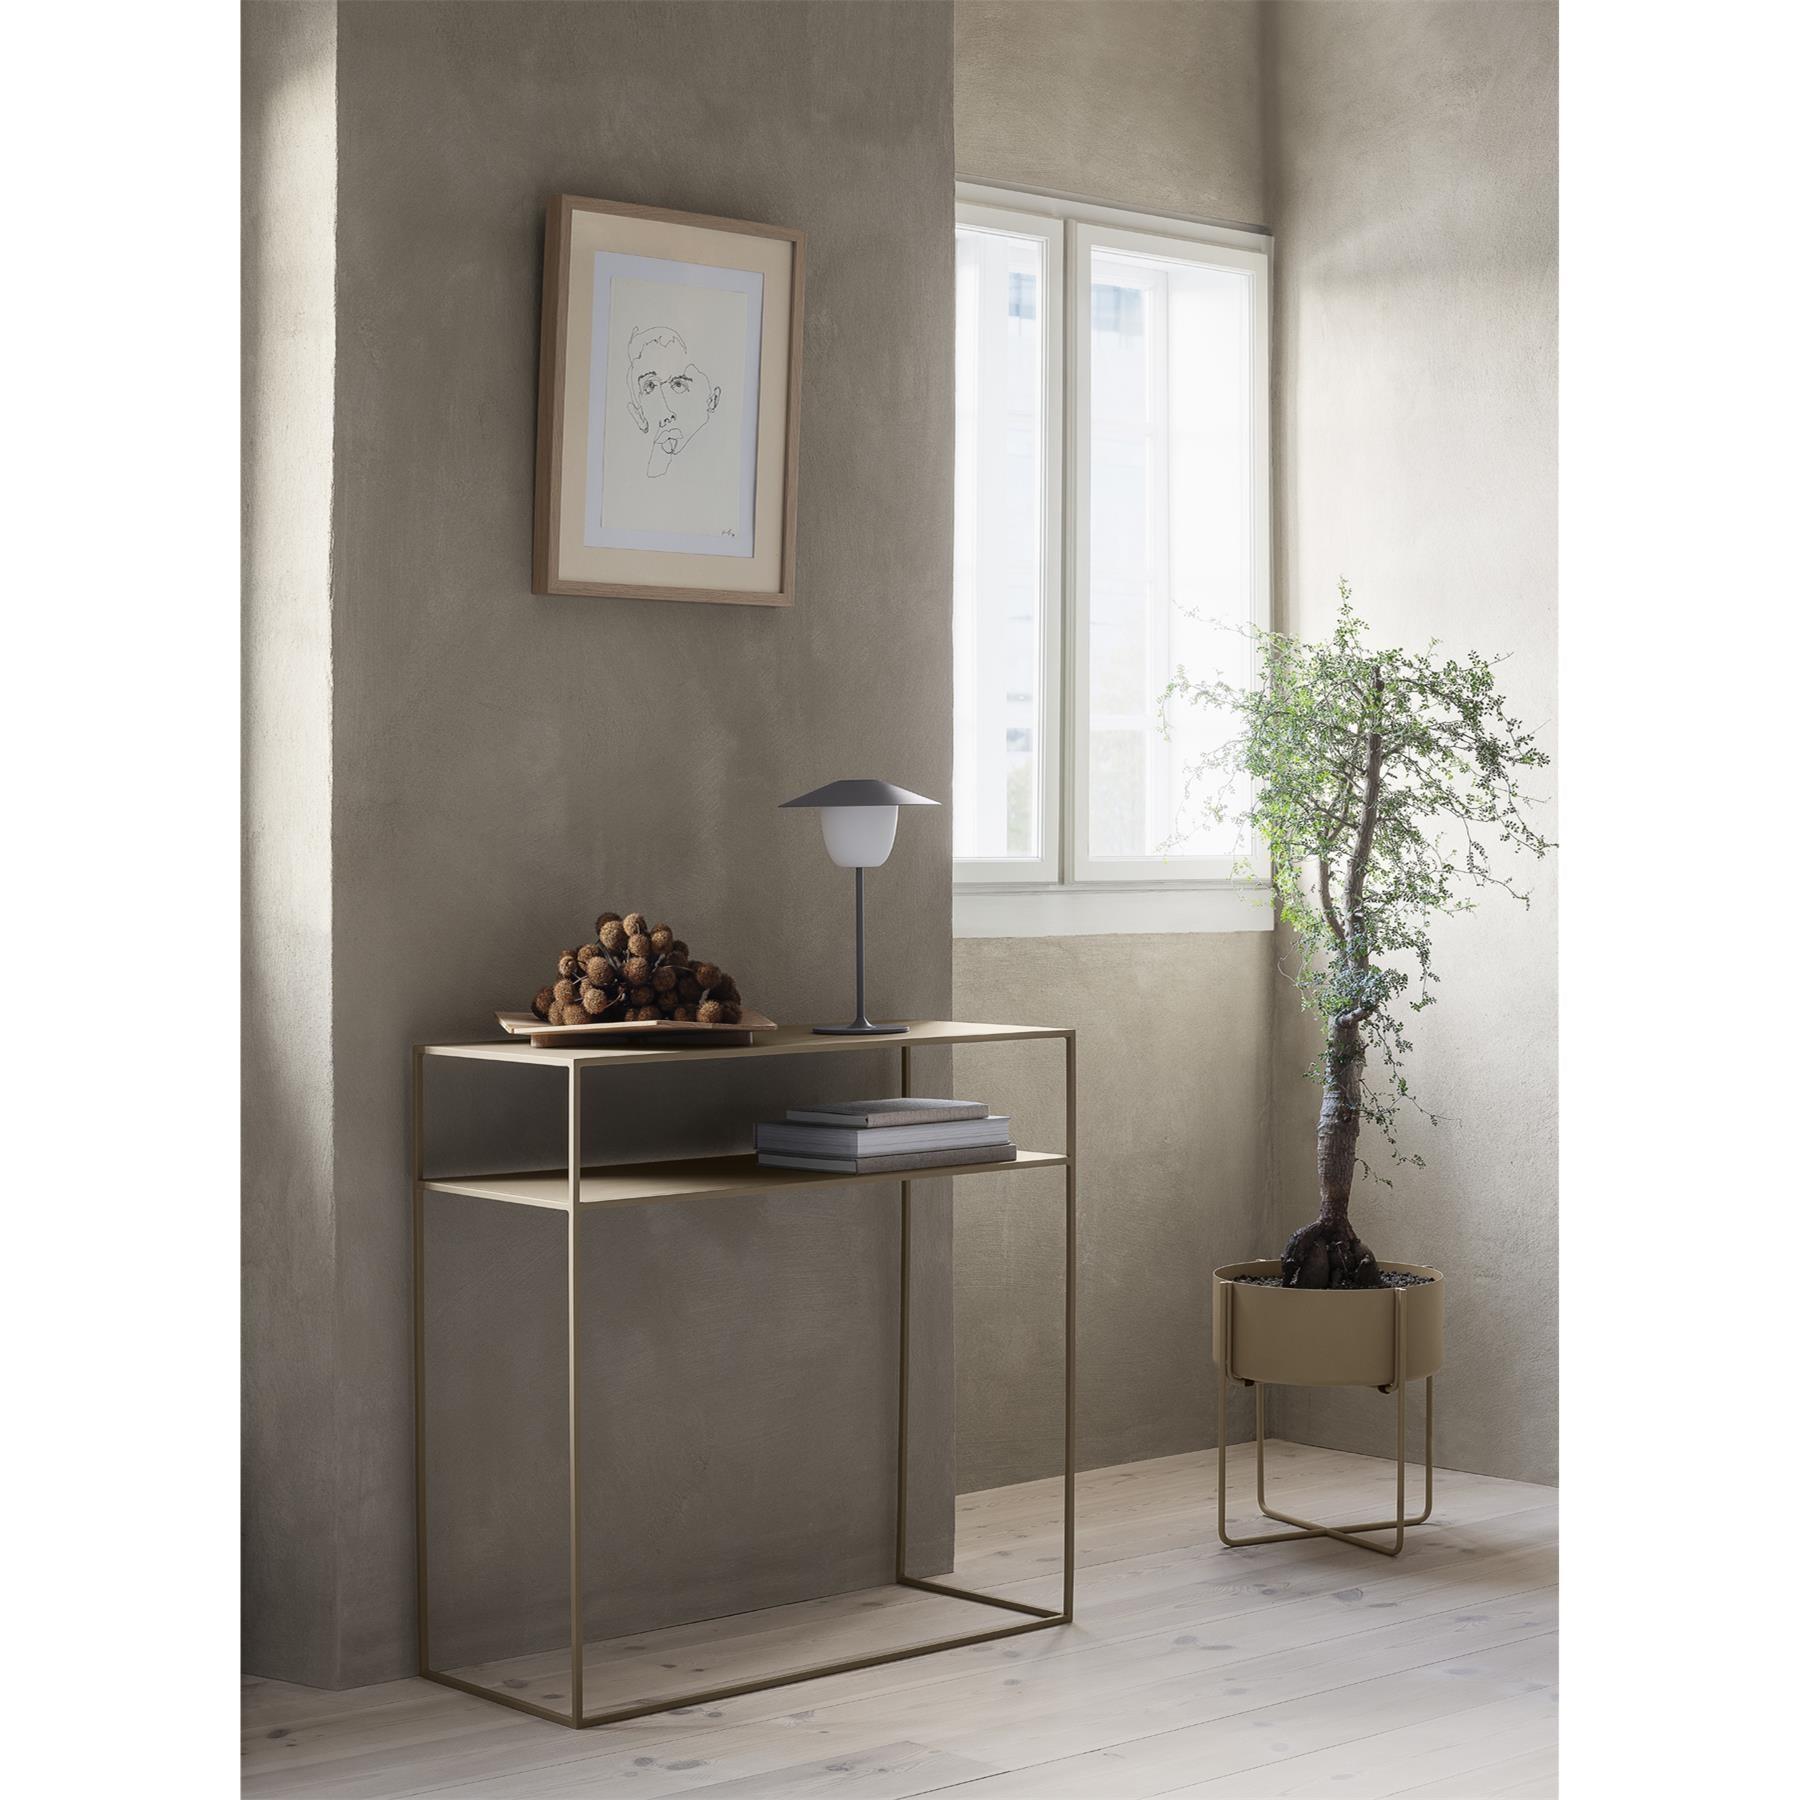 Stolek ke zdi FERA 80 cm šedý_0